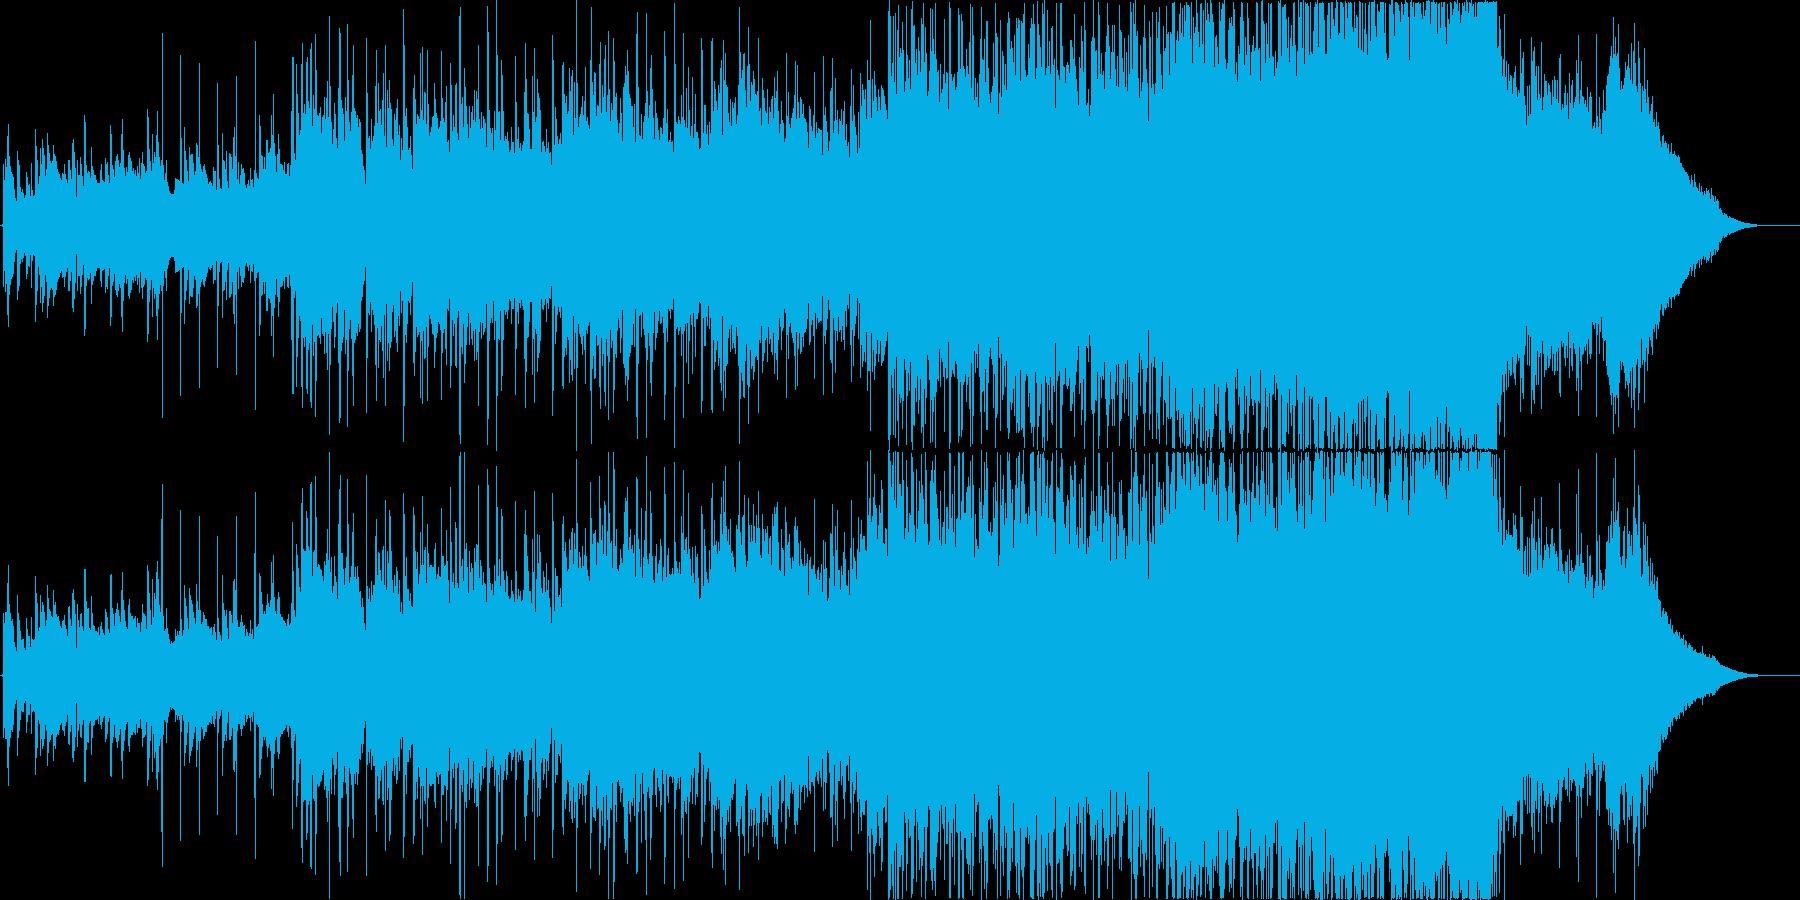 アコギとストリングスの重厚感のある曲の再生済みの波形